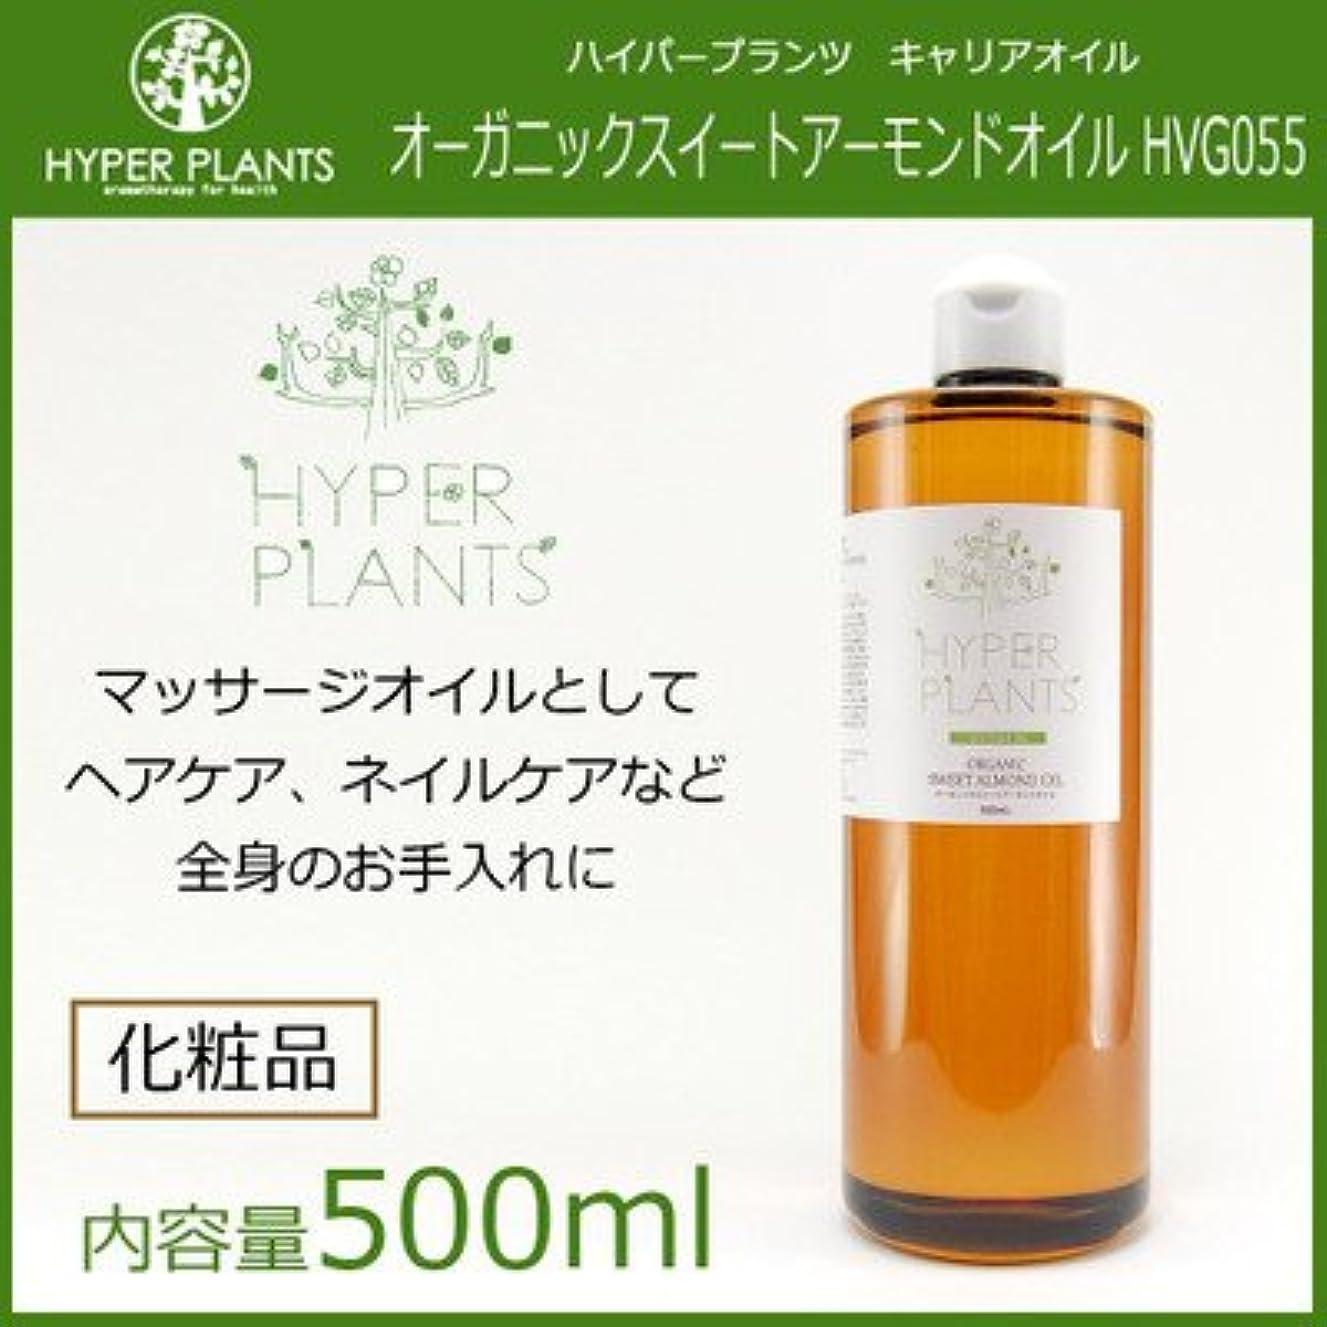 側溝甘美なエッセイ天然植物原料100%使用 肌をやさしく守る定番オイル HYPER PLANTS ハイパープランツ キャリアオイル オーガニックスイートアーモンドオイル 500ml HVG055